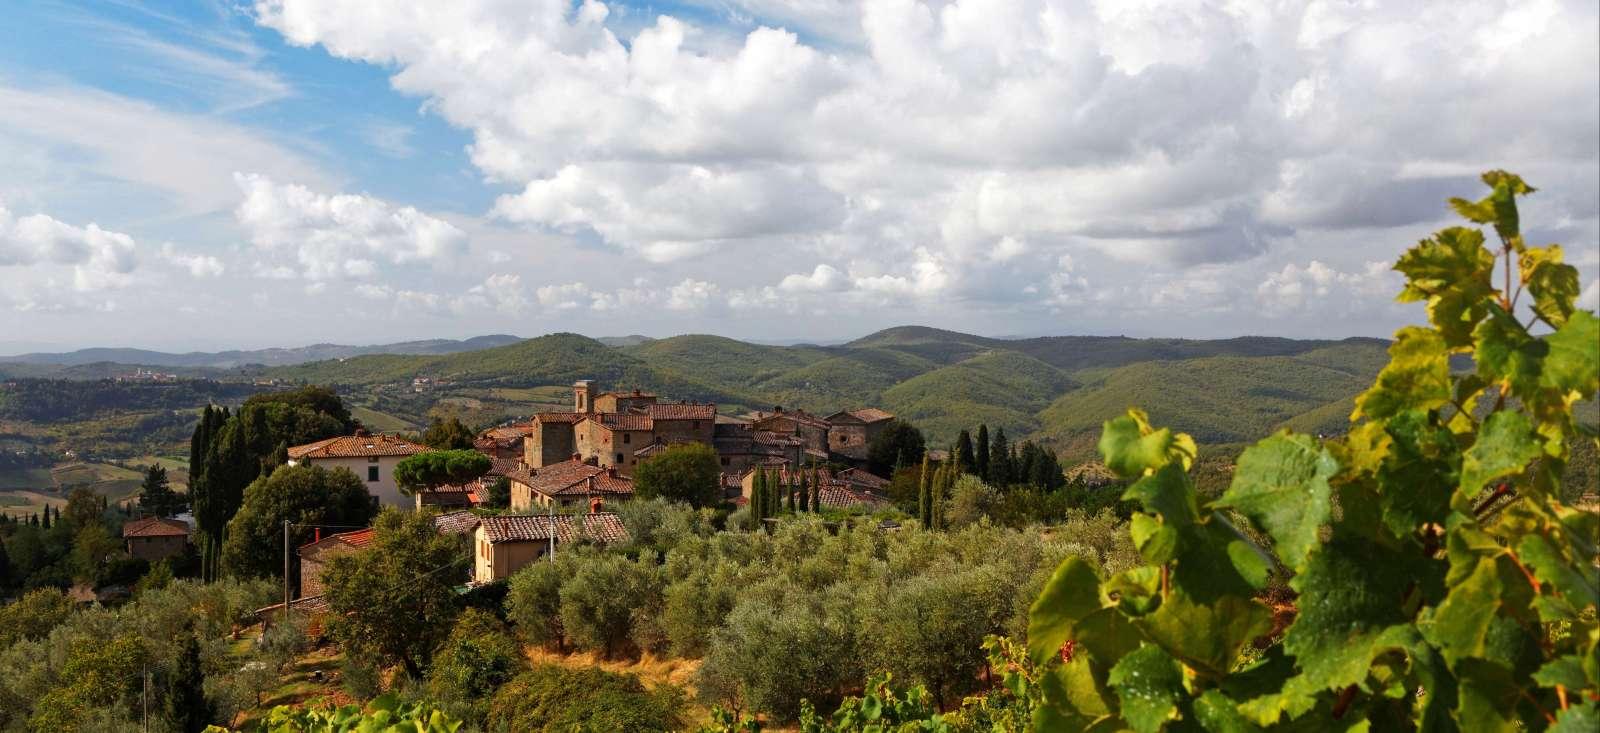 Voyage à thème : La petite maison dans le Chianti